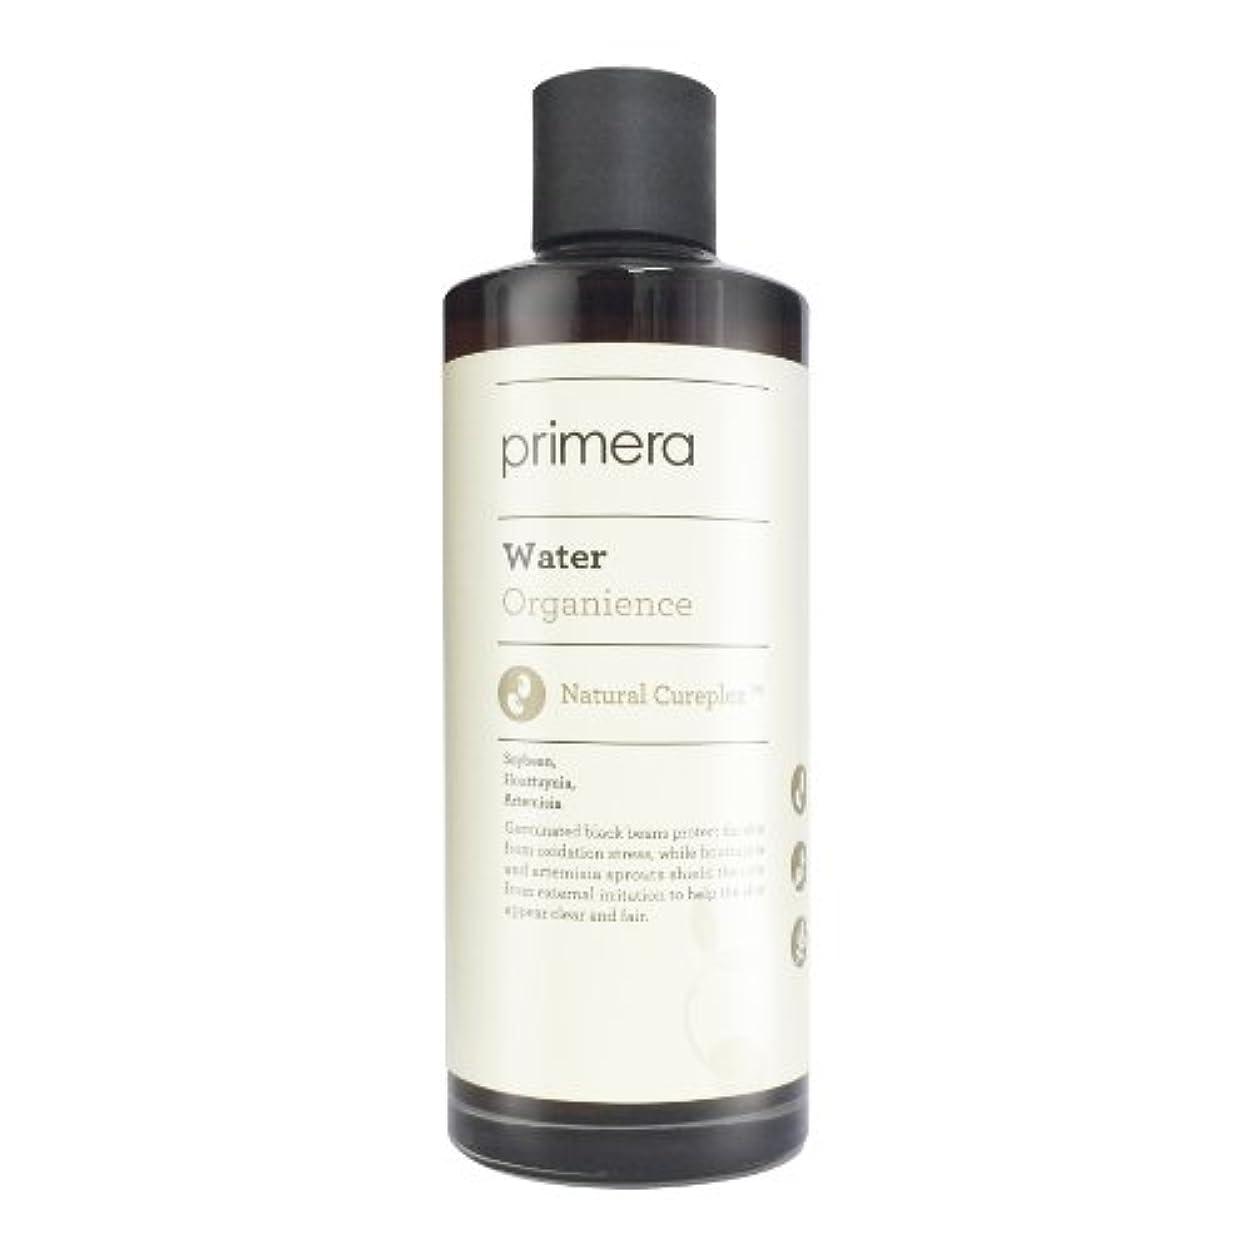 ゴミ箱神経たらいPrimera/プリメラ オーガニエンスウォーター180ml(Organience water)